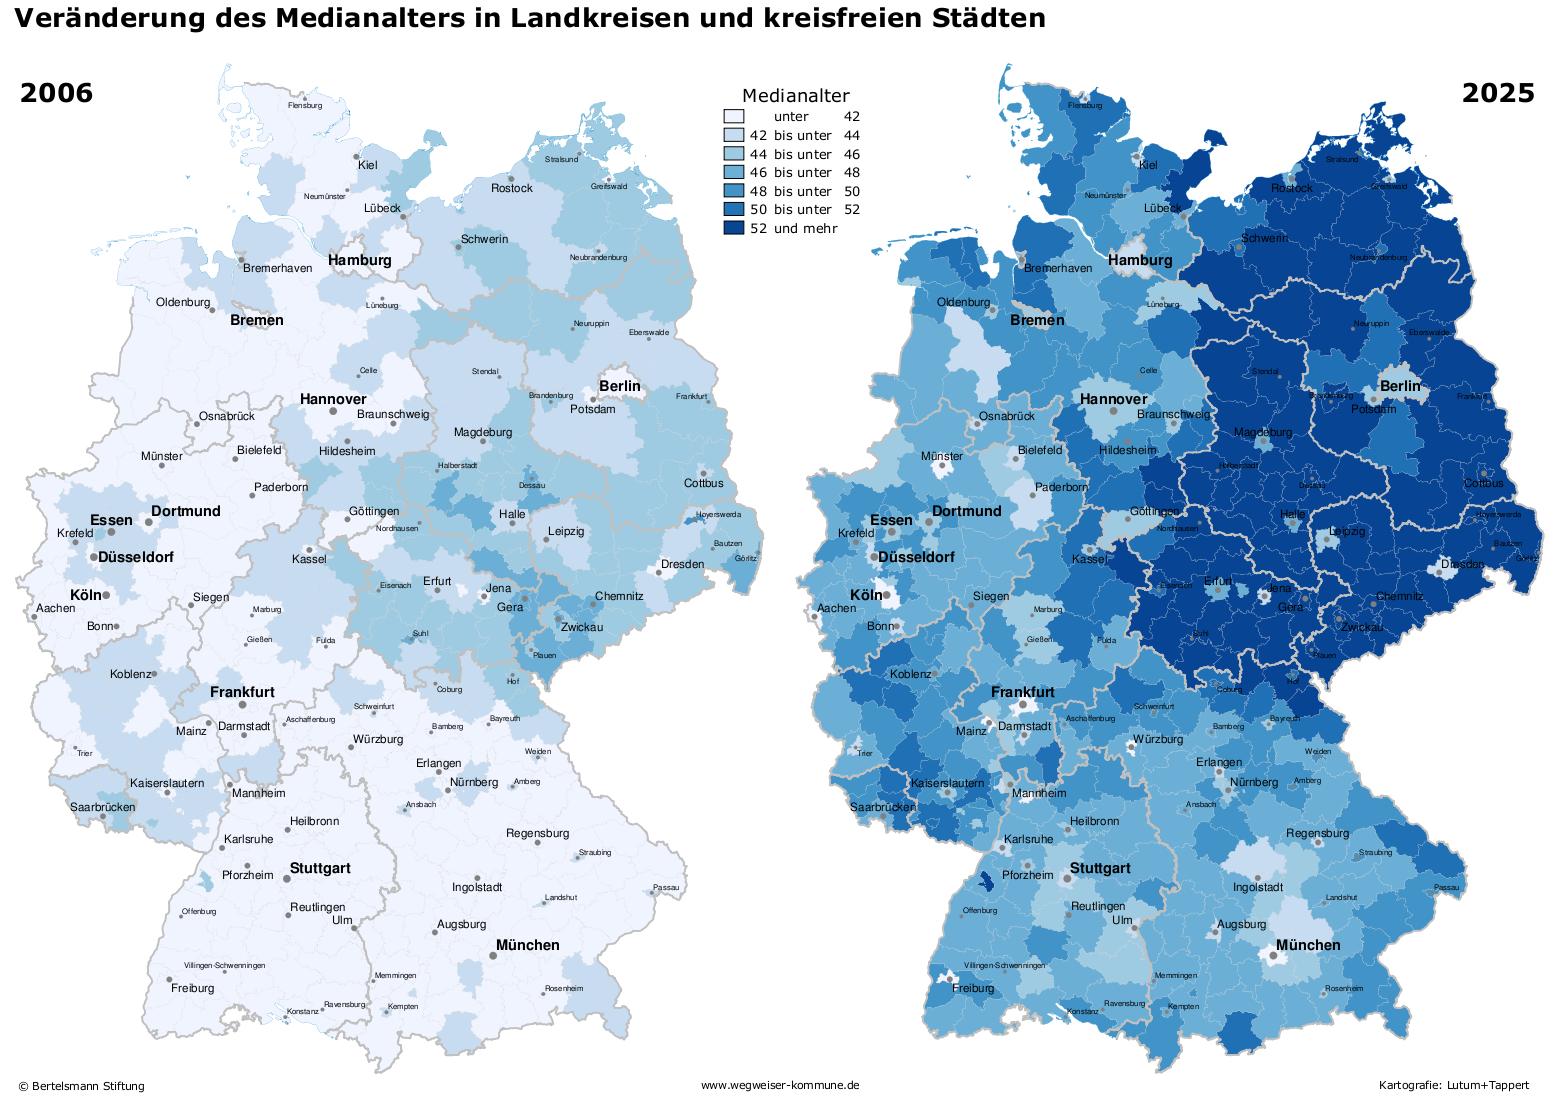 Veränderung des Medianalters in Deutschland 2006 bis 2025. Quelle: Bertelsmann Stiftung